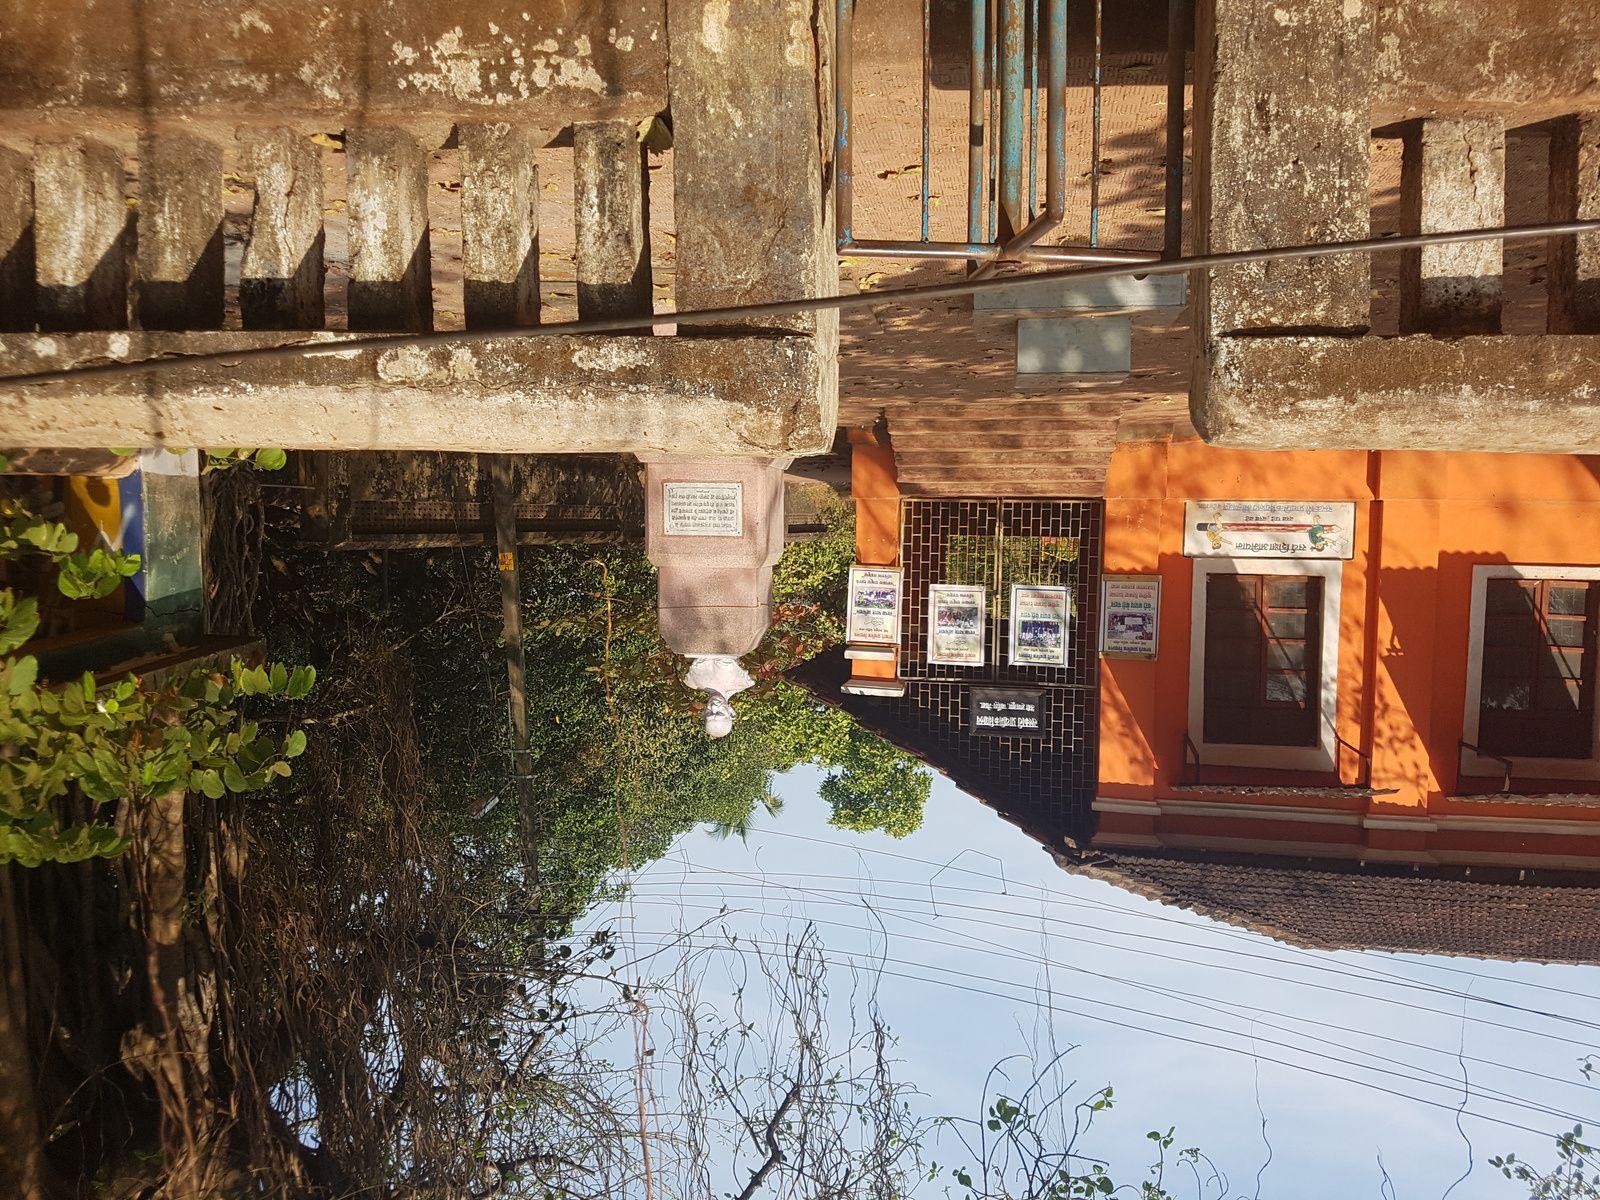 Central des bus à MAPUTA (la dernière photo)